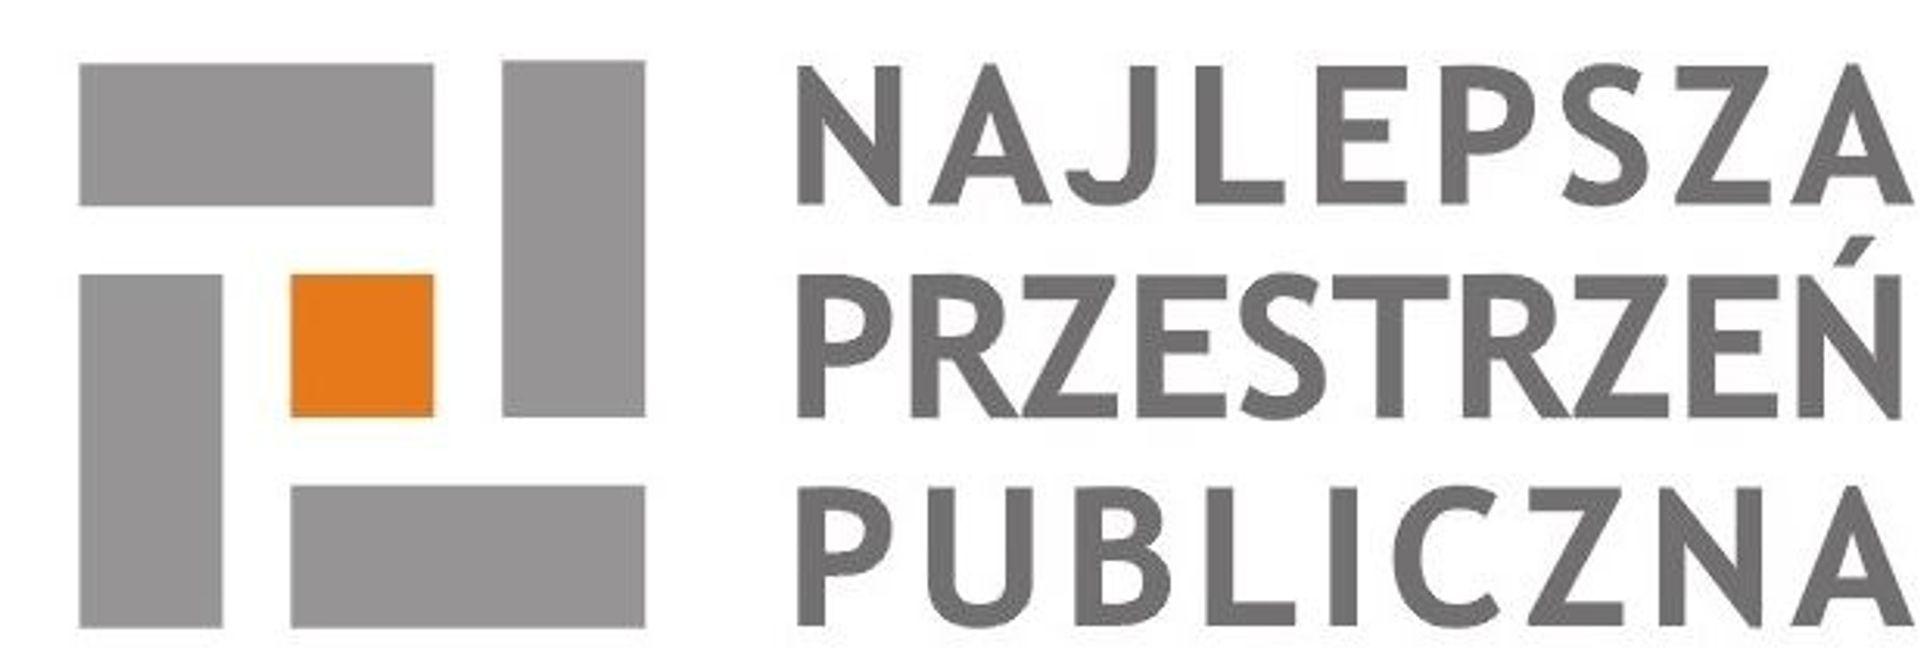 [śląskie] Najlepsza Przestrzeń Publiczna Województwa Śląskiego - rusza głosowanie internautów